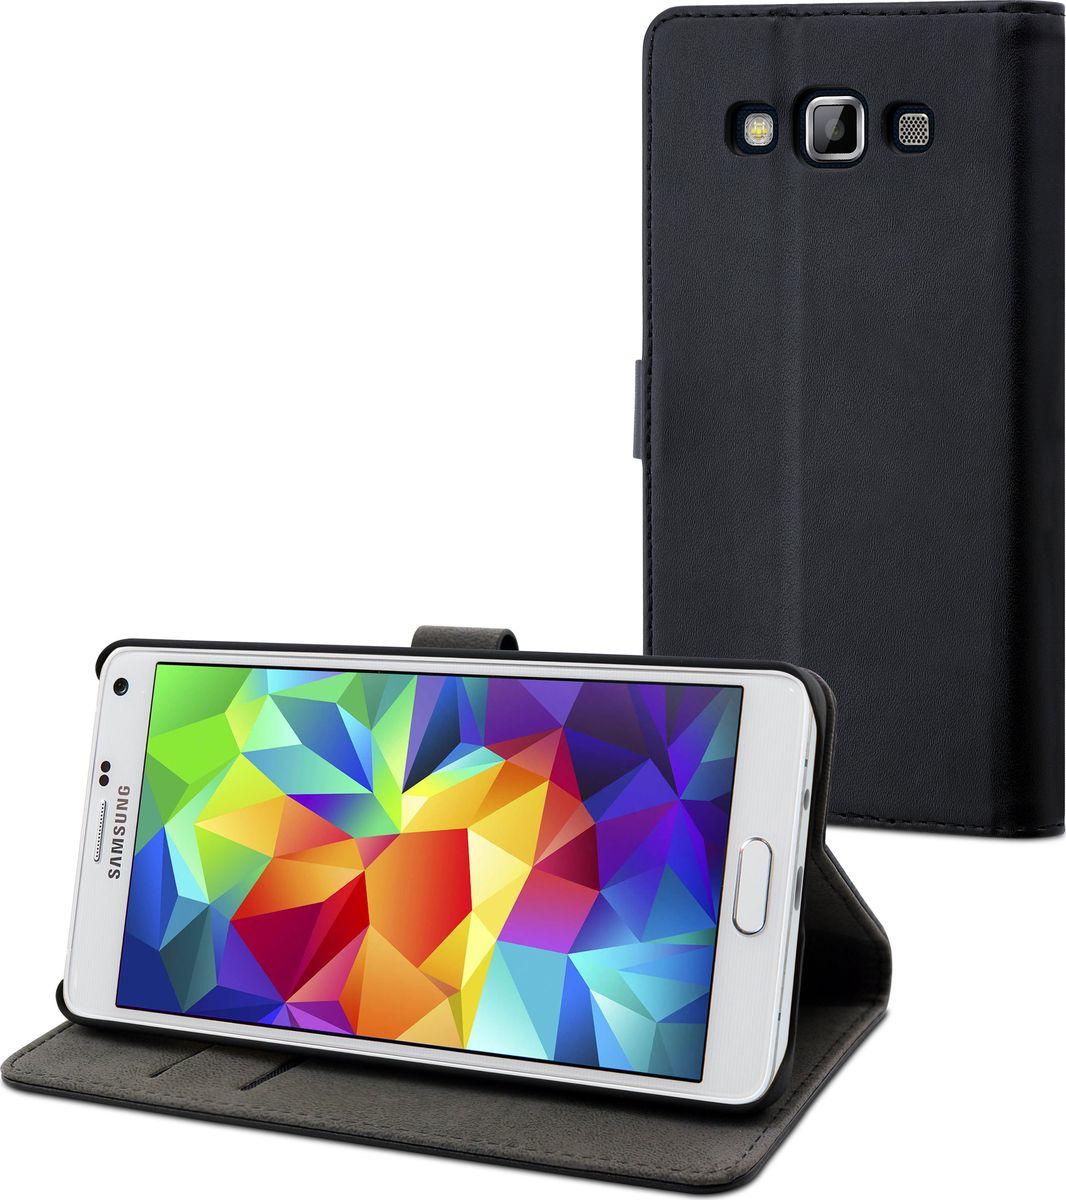 Чехол для сотового телефона Muvit Slim S Folio для Samsung Galaxy A5 (SM-A500F), MUSLI0619, черный цена и фото